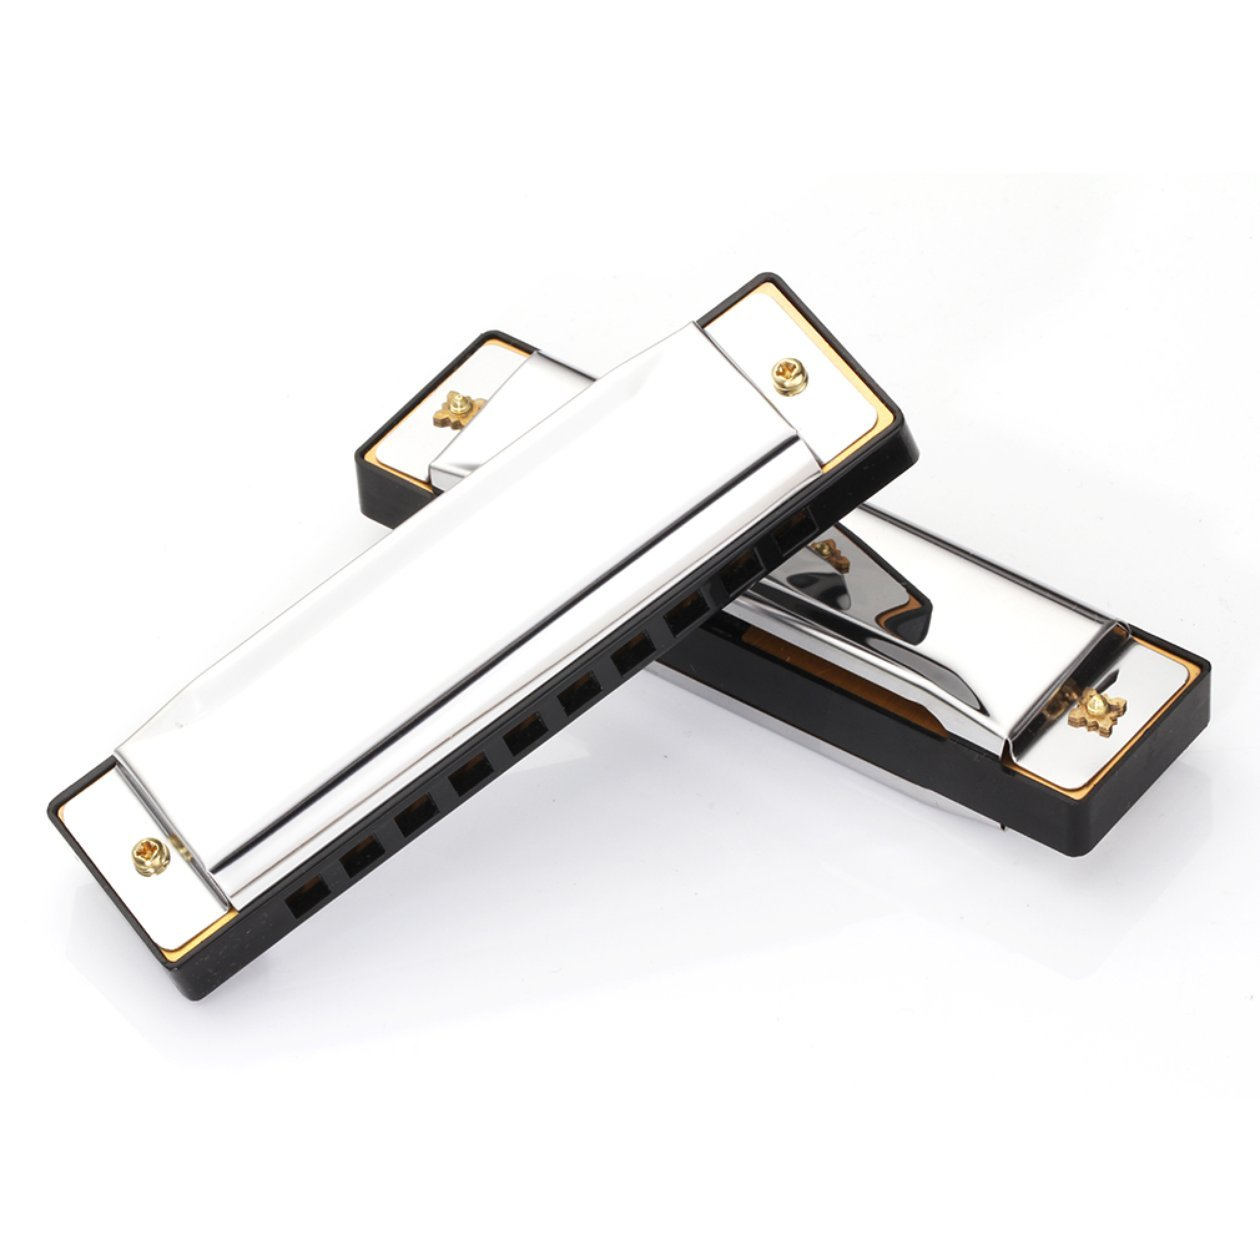 Armonica diatonica a 10 fori in argento Blues armonica a bocca diatonica Armonica a 10 fori in lega di strumenti musicali Armonica a bocca Colore: argento